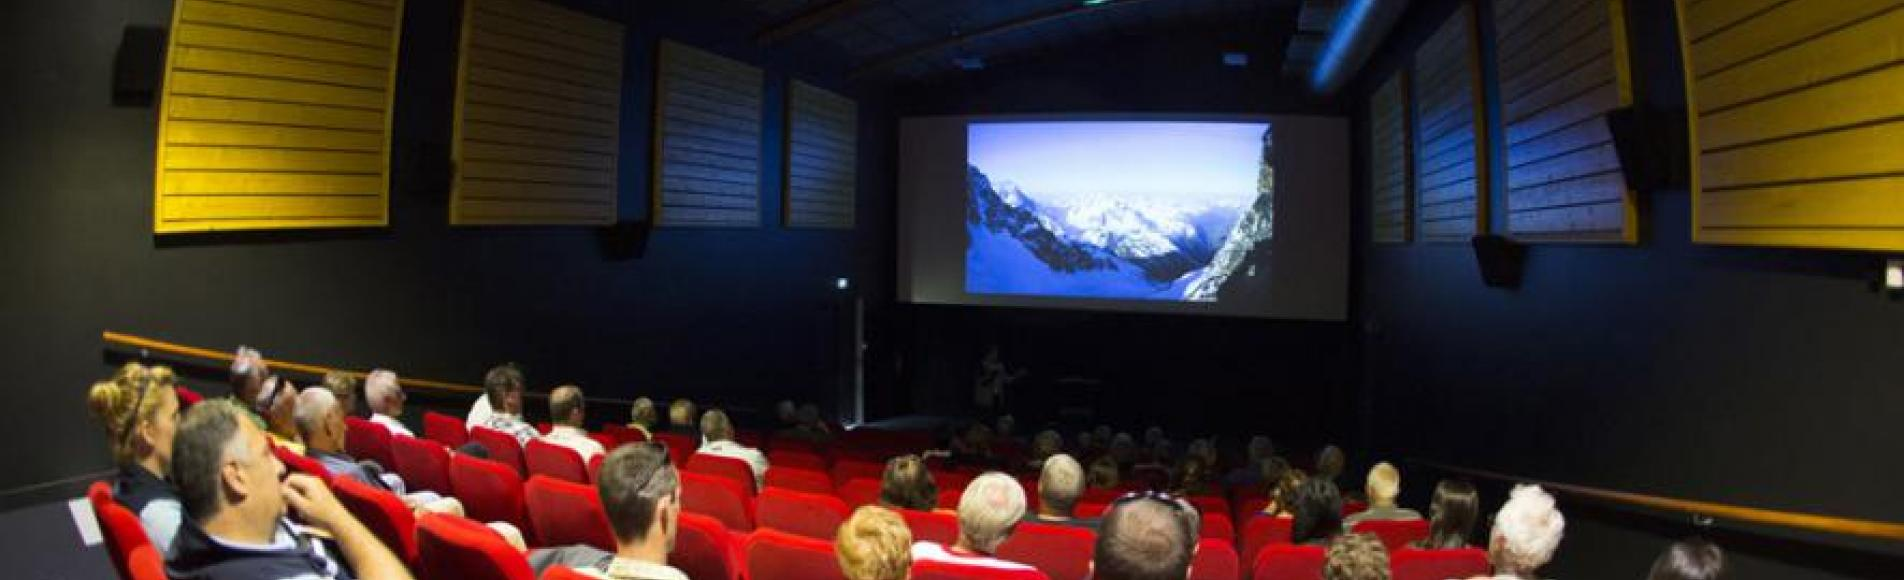 La salle de cinéma inaugurée  Parc national des Ecrins